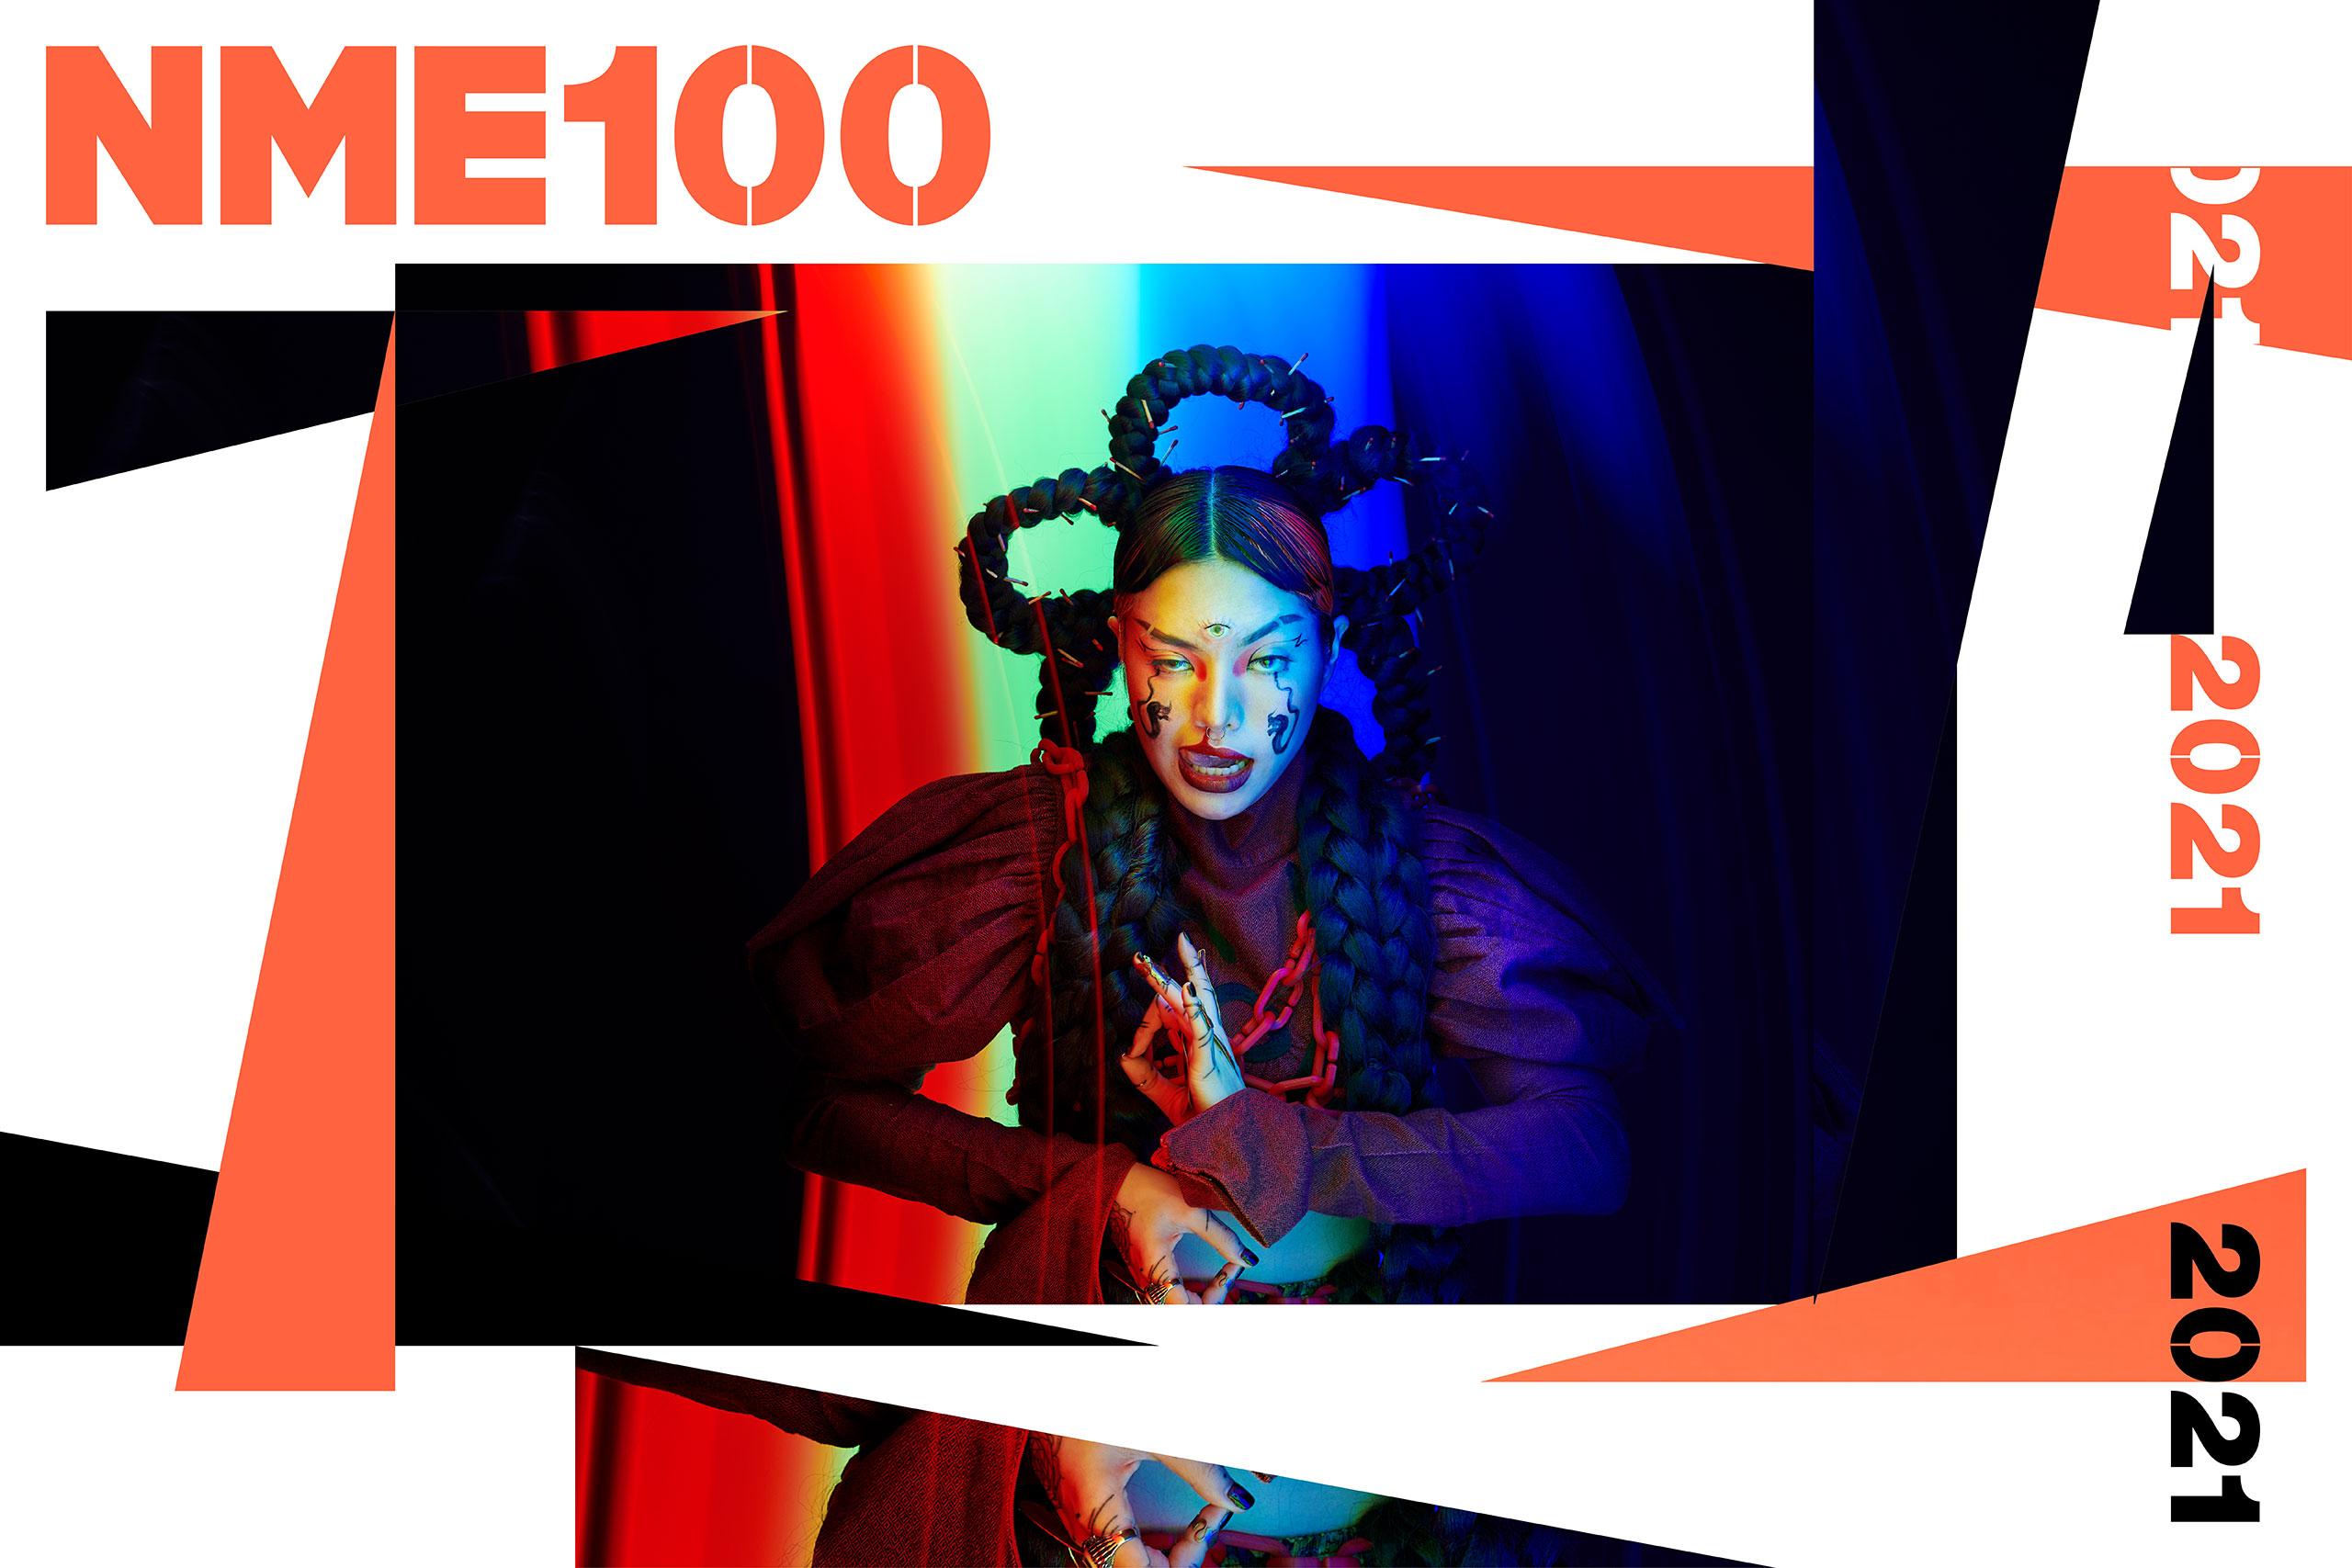 NME 100 pyra